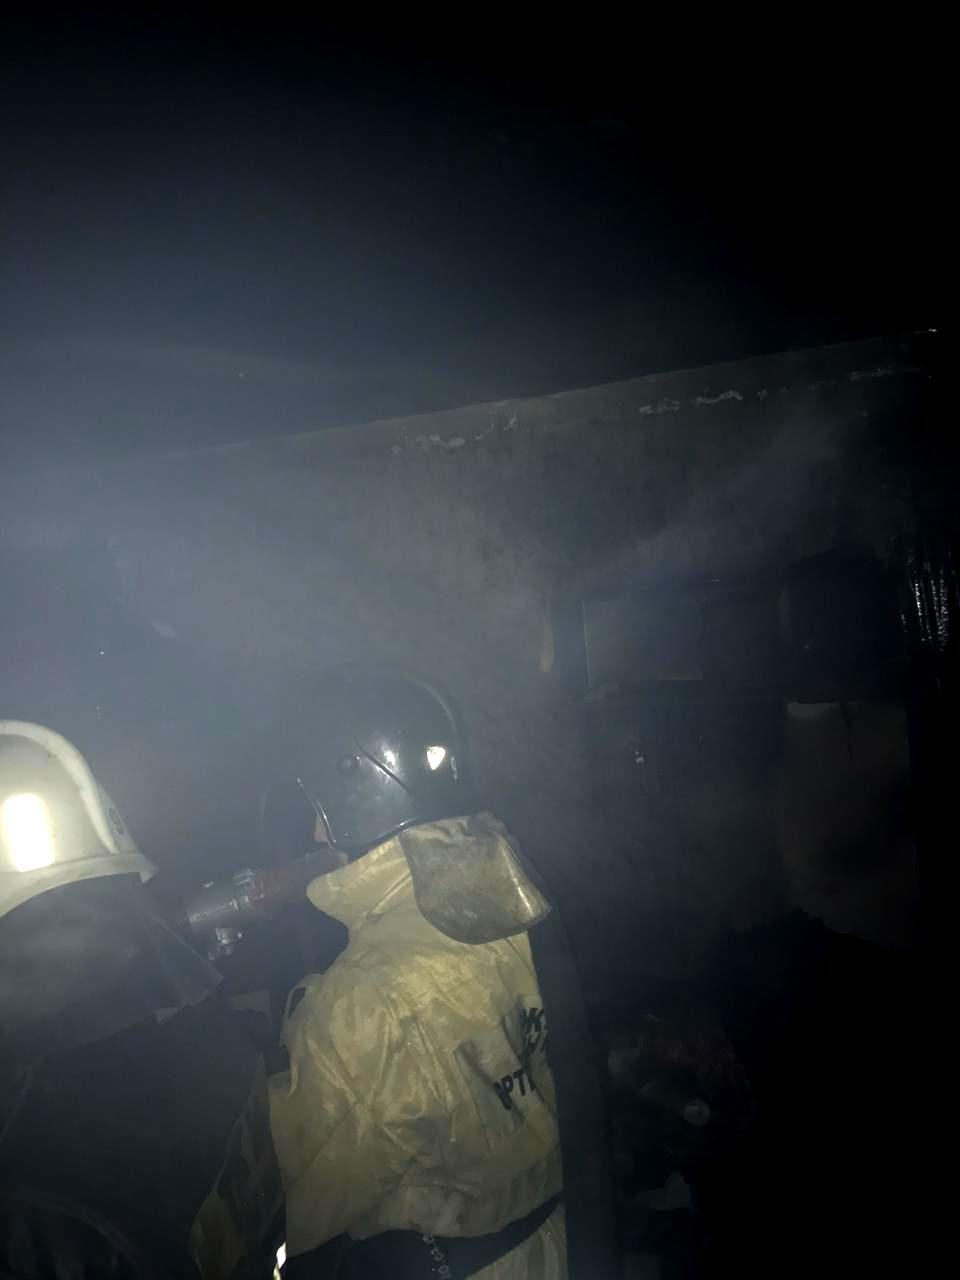 Шесть человек спасли при ночном пожаре в Алматы, фото-1, Фото пресс-служба ДЧС Алматы